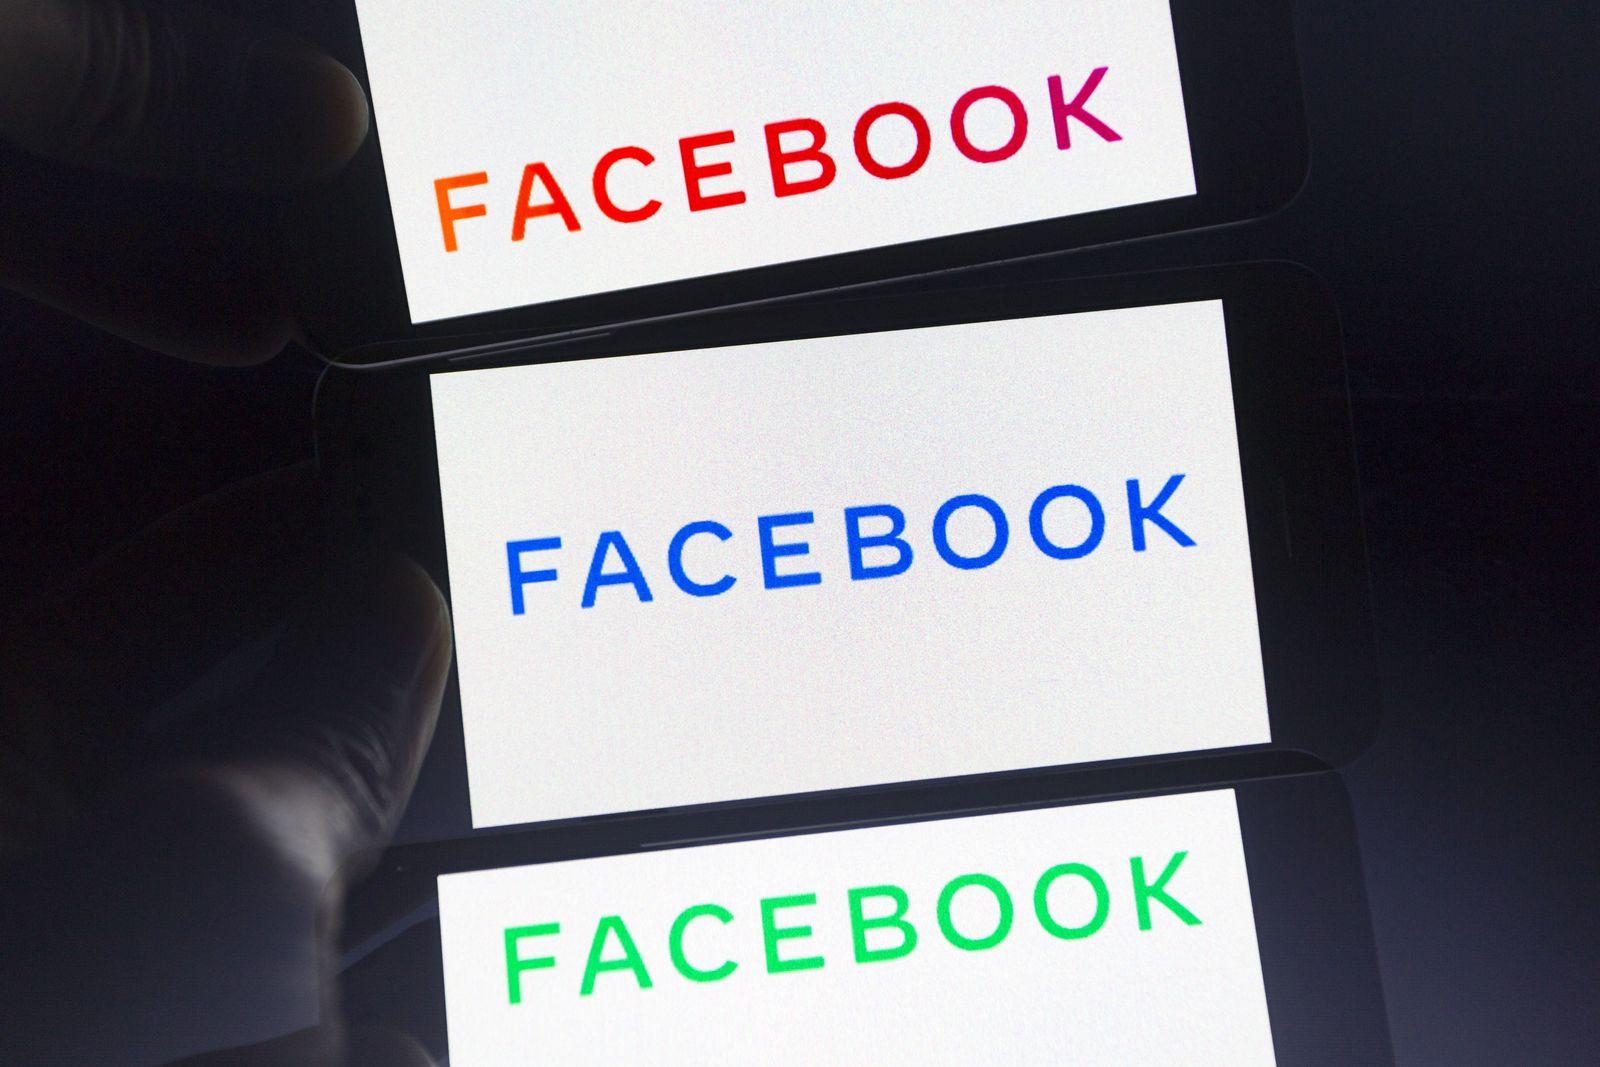 Facebook neues Firmenlogo